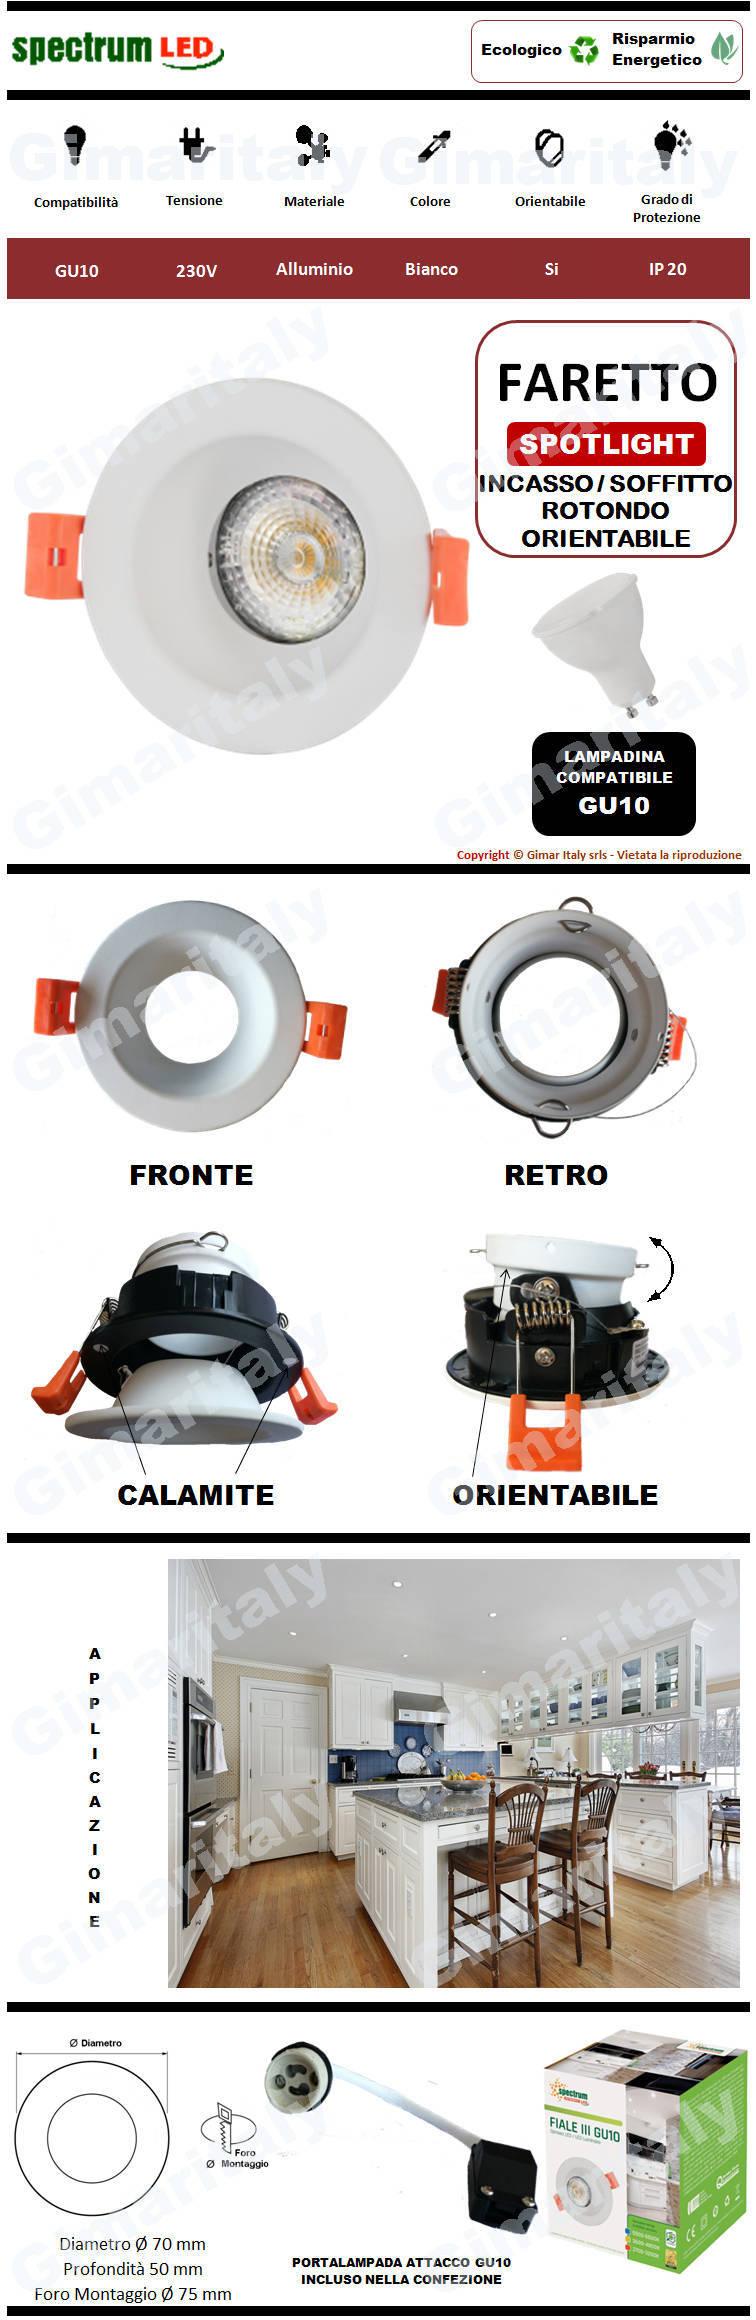 Portafaretto Rotondo Orientabile bianco da incasso per lampadina GU10 Spectrum